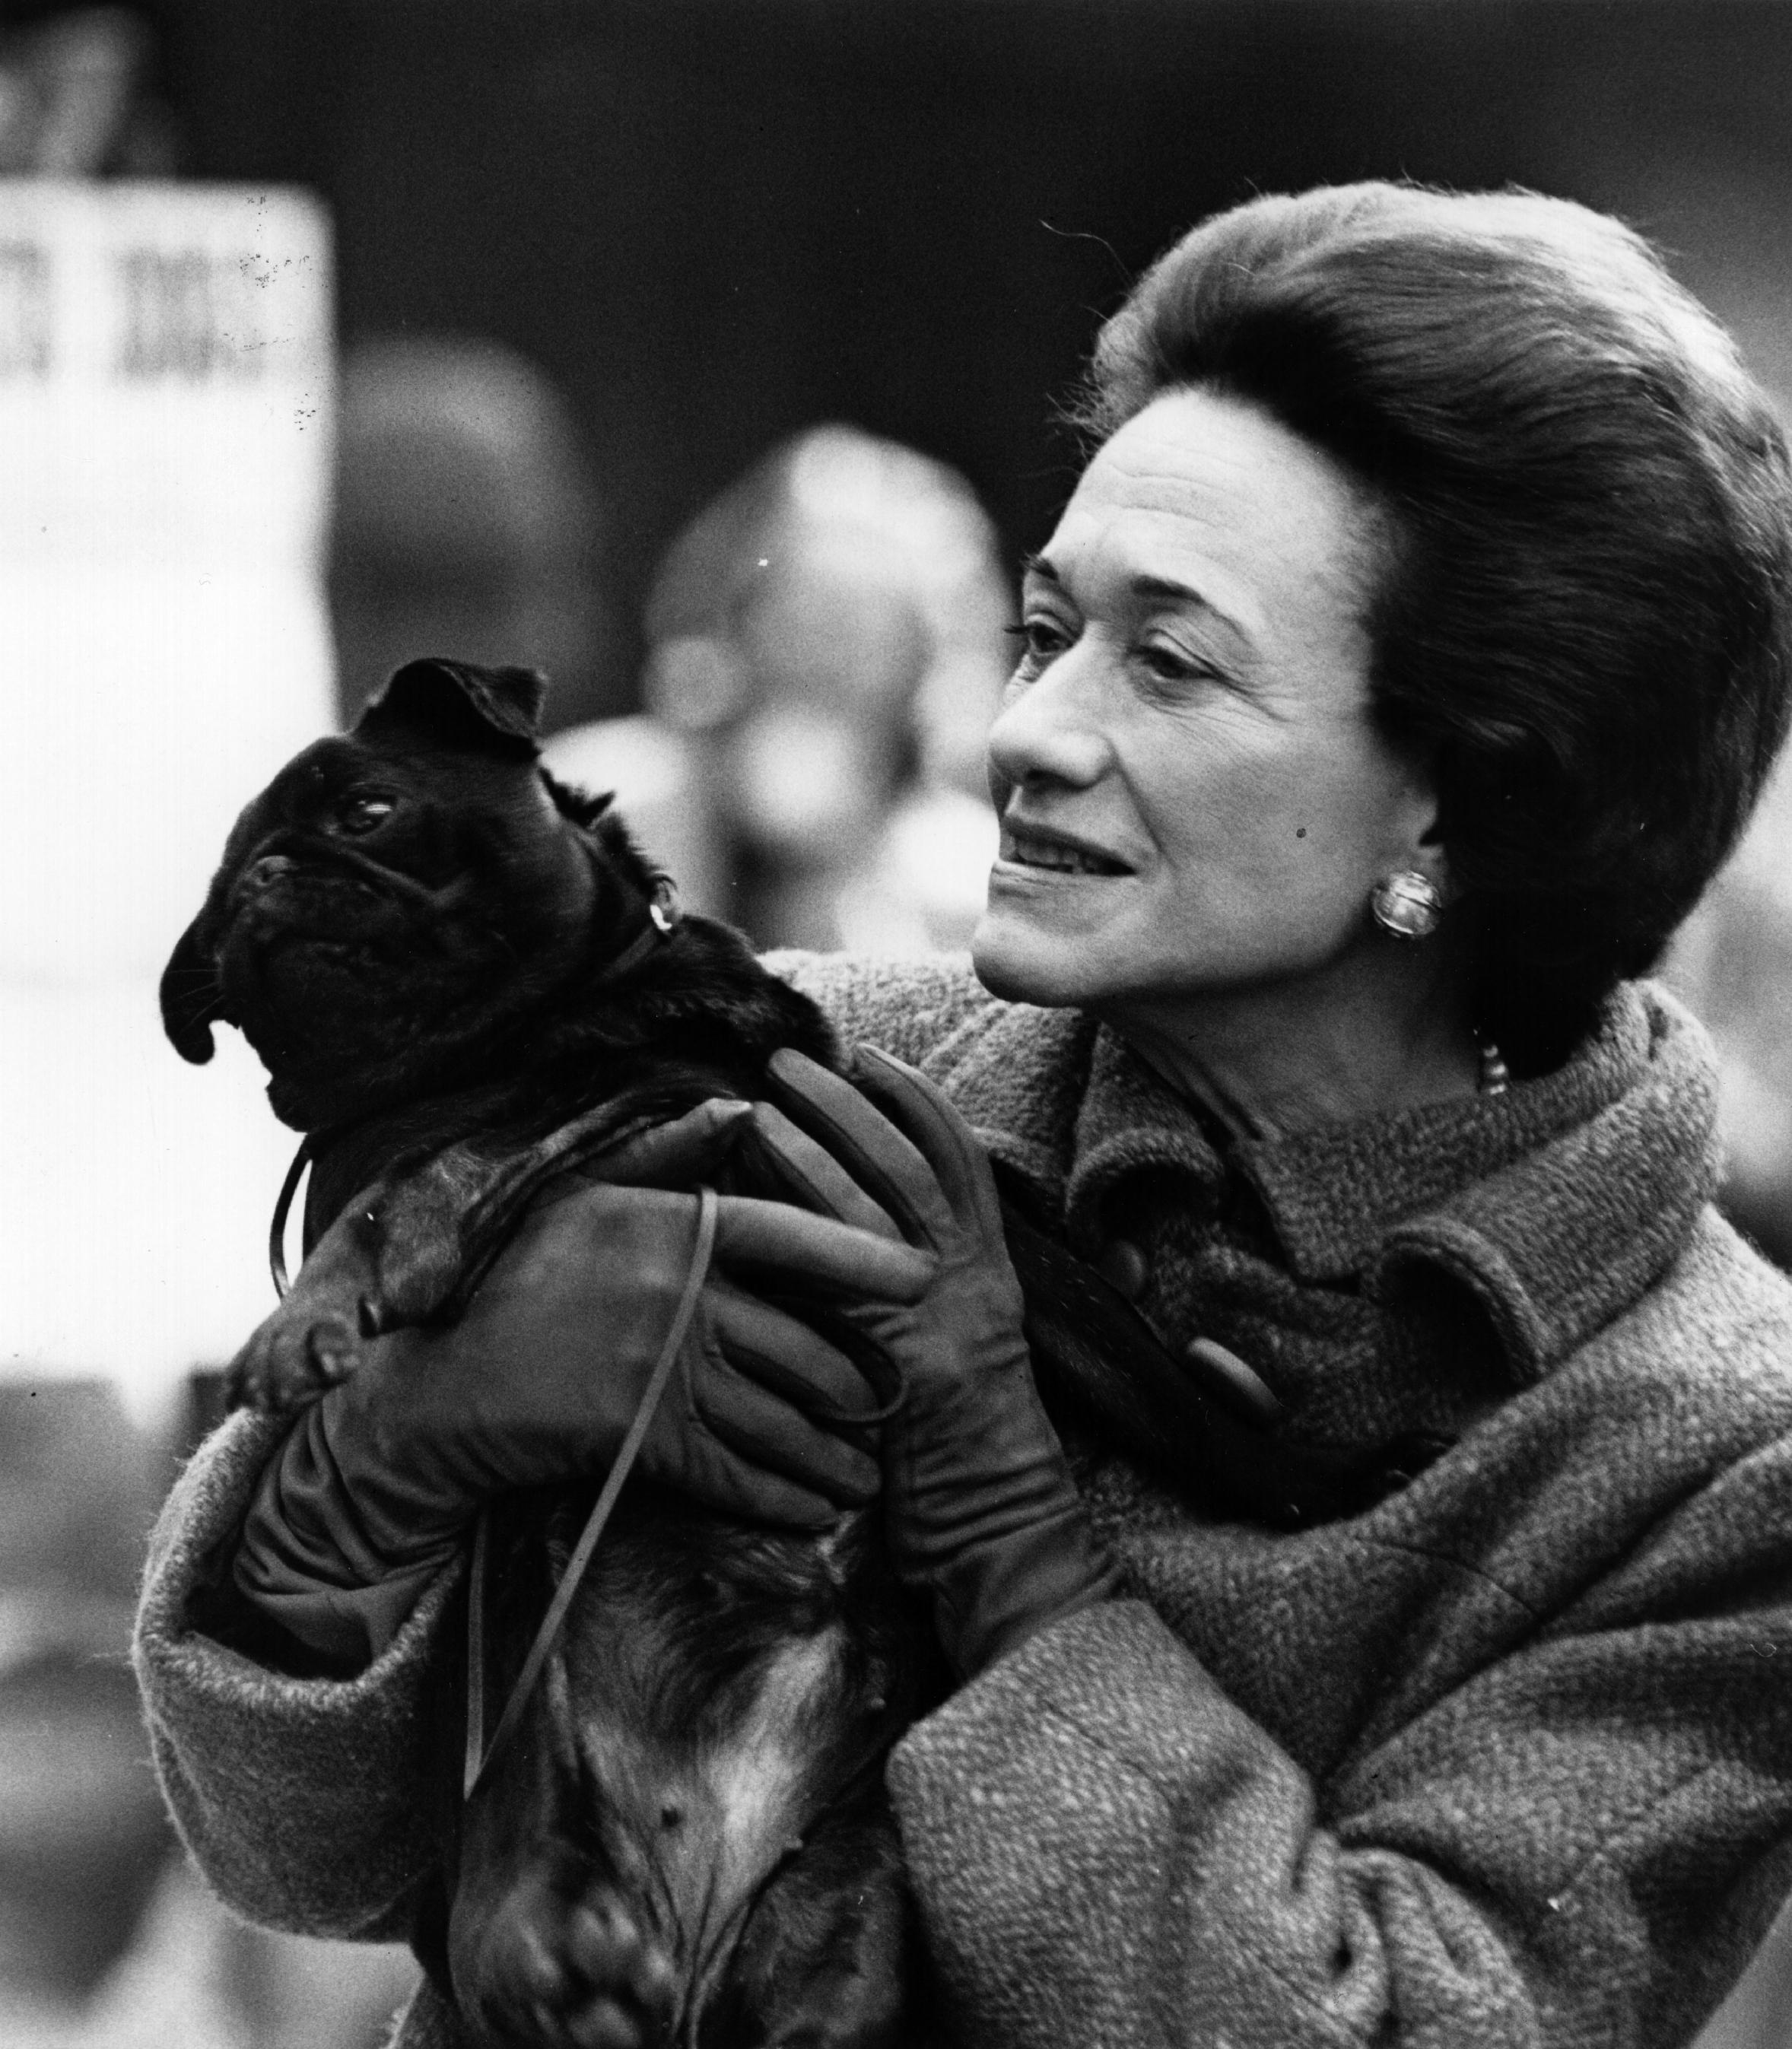 """В края на годината Уолис решава да замине за Франция. Едуард, който решава да абдикира.Така на10 декември 1936 той се обръща към нацията по радиото.""""Невъзможно е да нося тежкия товар на отговорността и да изпълнявам кралските си задължения така, както бих искал, без помощта и подкрепата на жената, която обичам"""". Живеят във Франция. Едуард умира през 1972 г., а Уолис през 1989 г."""